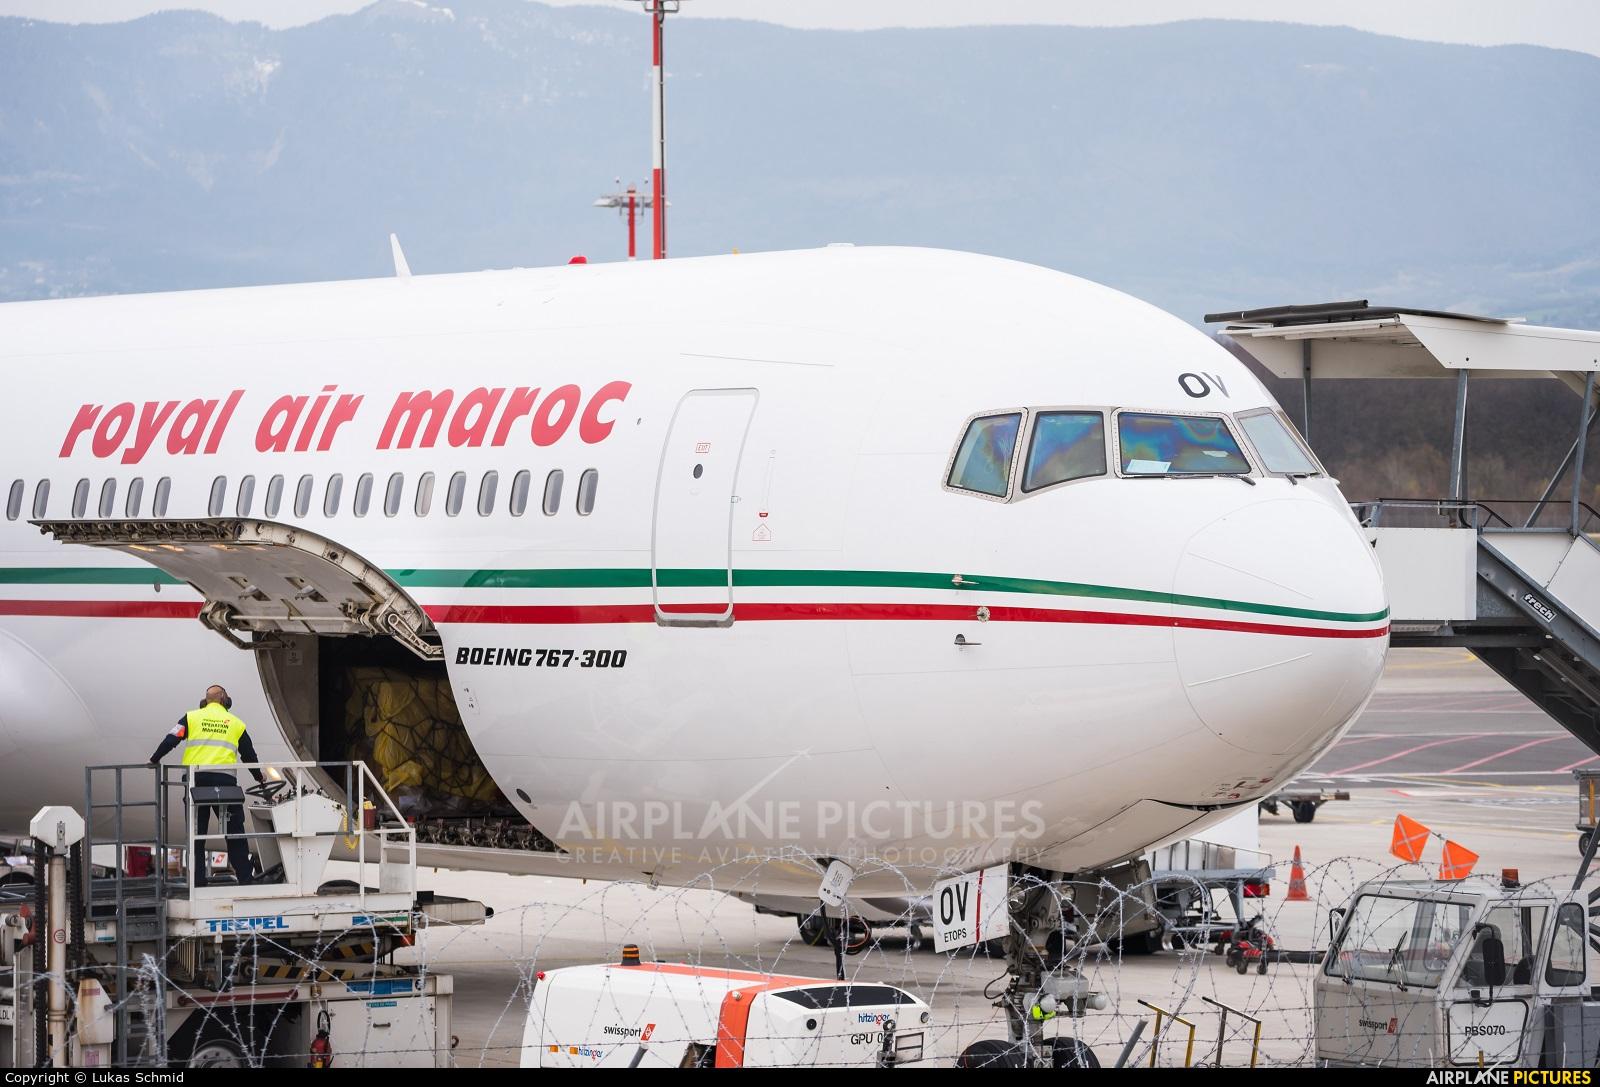 Royal Air Maroc CN-ROV aircraft at Geneva Intl